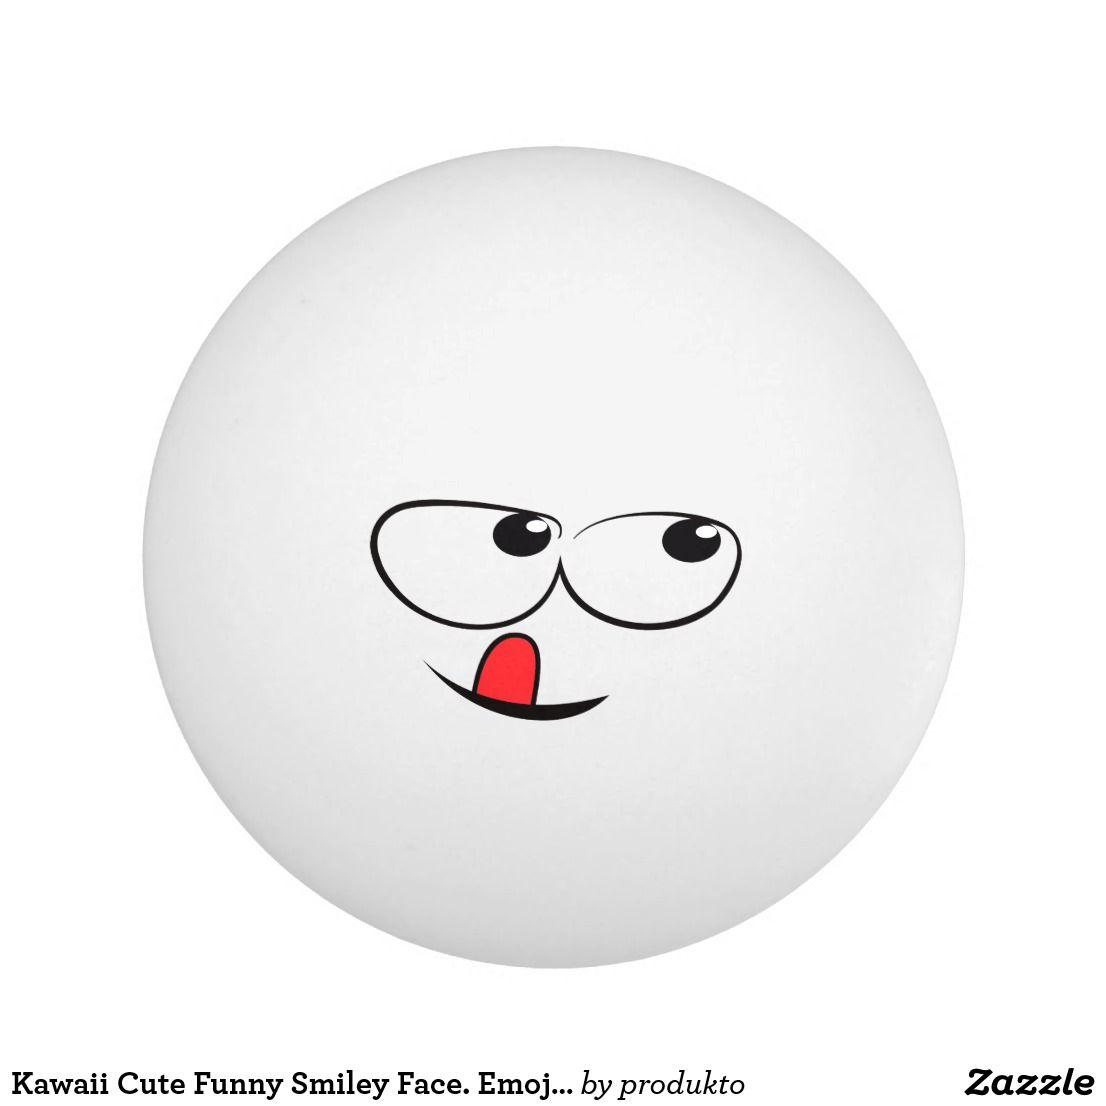 Kawaii Cute Funny Smiley Face Emoji Emoticon Ping Pong Ball Ping Pong Funny Smiley Ping Pong Table Tennis